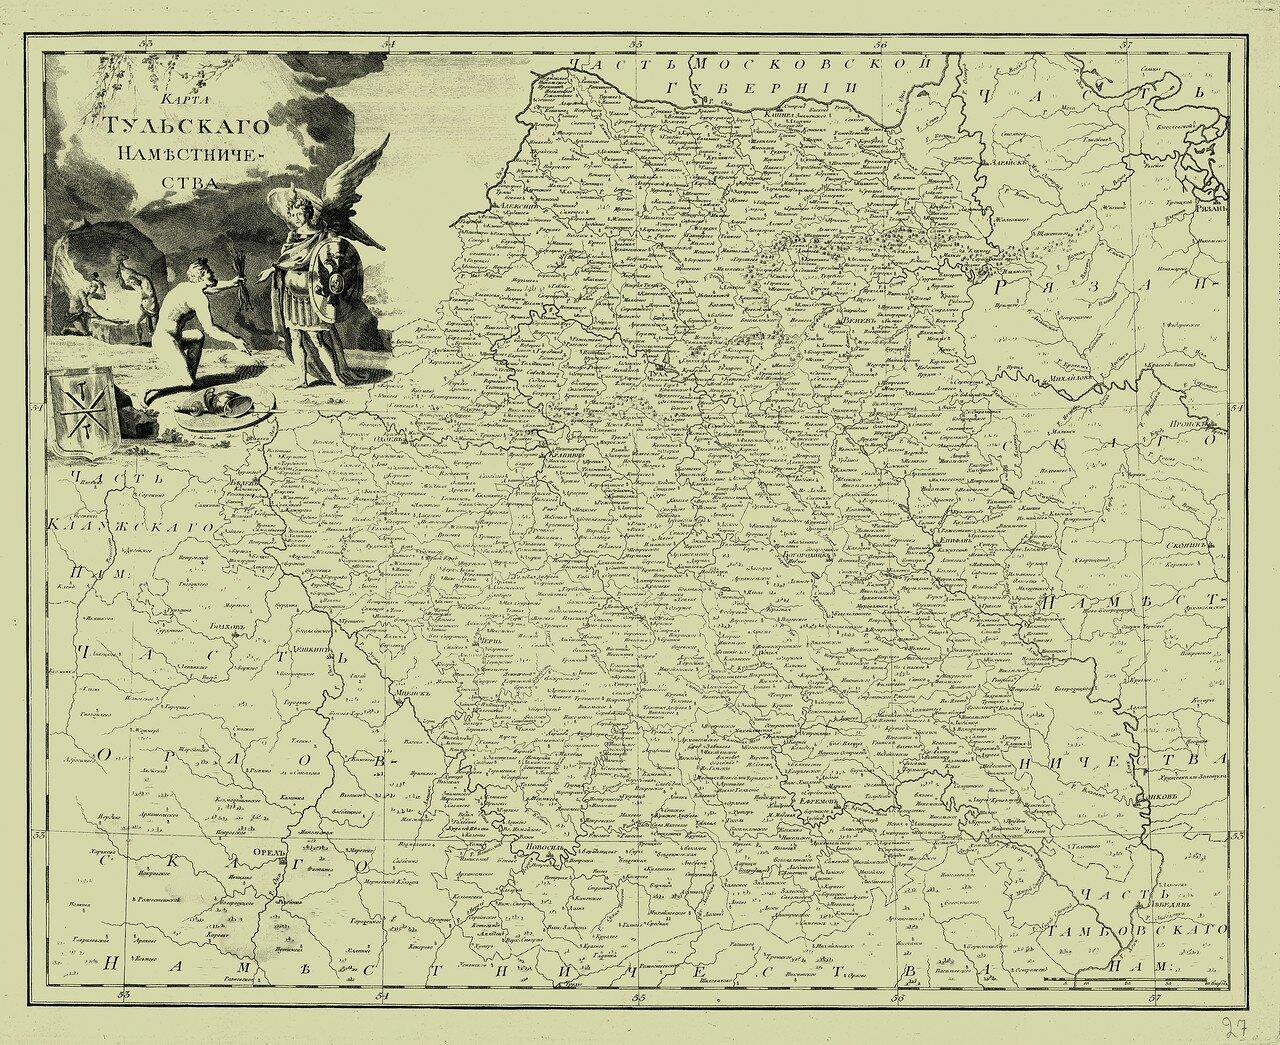 27. Карта Тульского наместничества